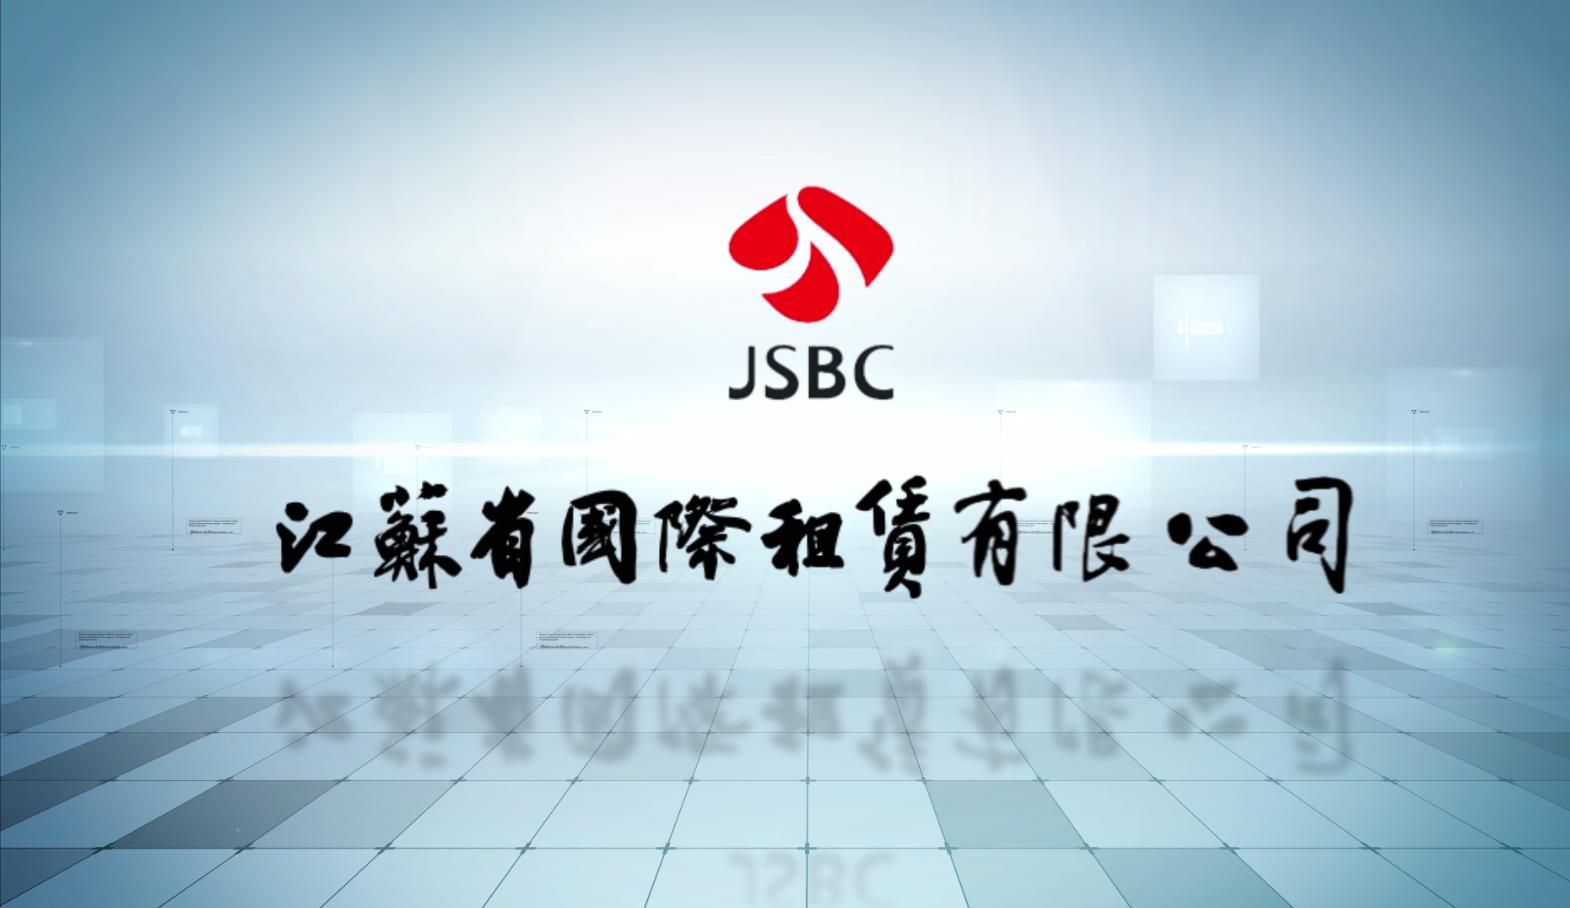 江苏国际租赁公司党员踊跃捐款